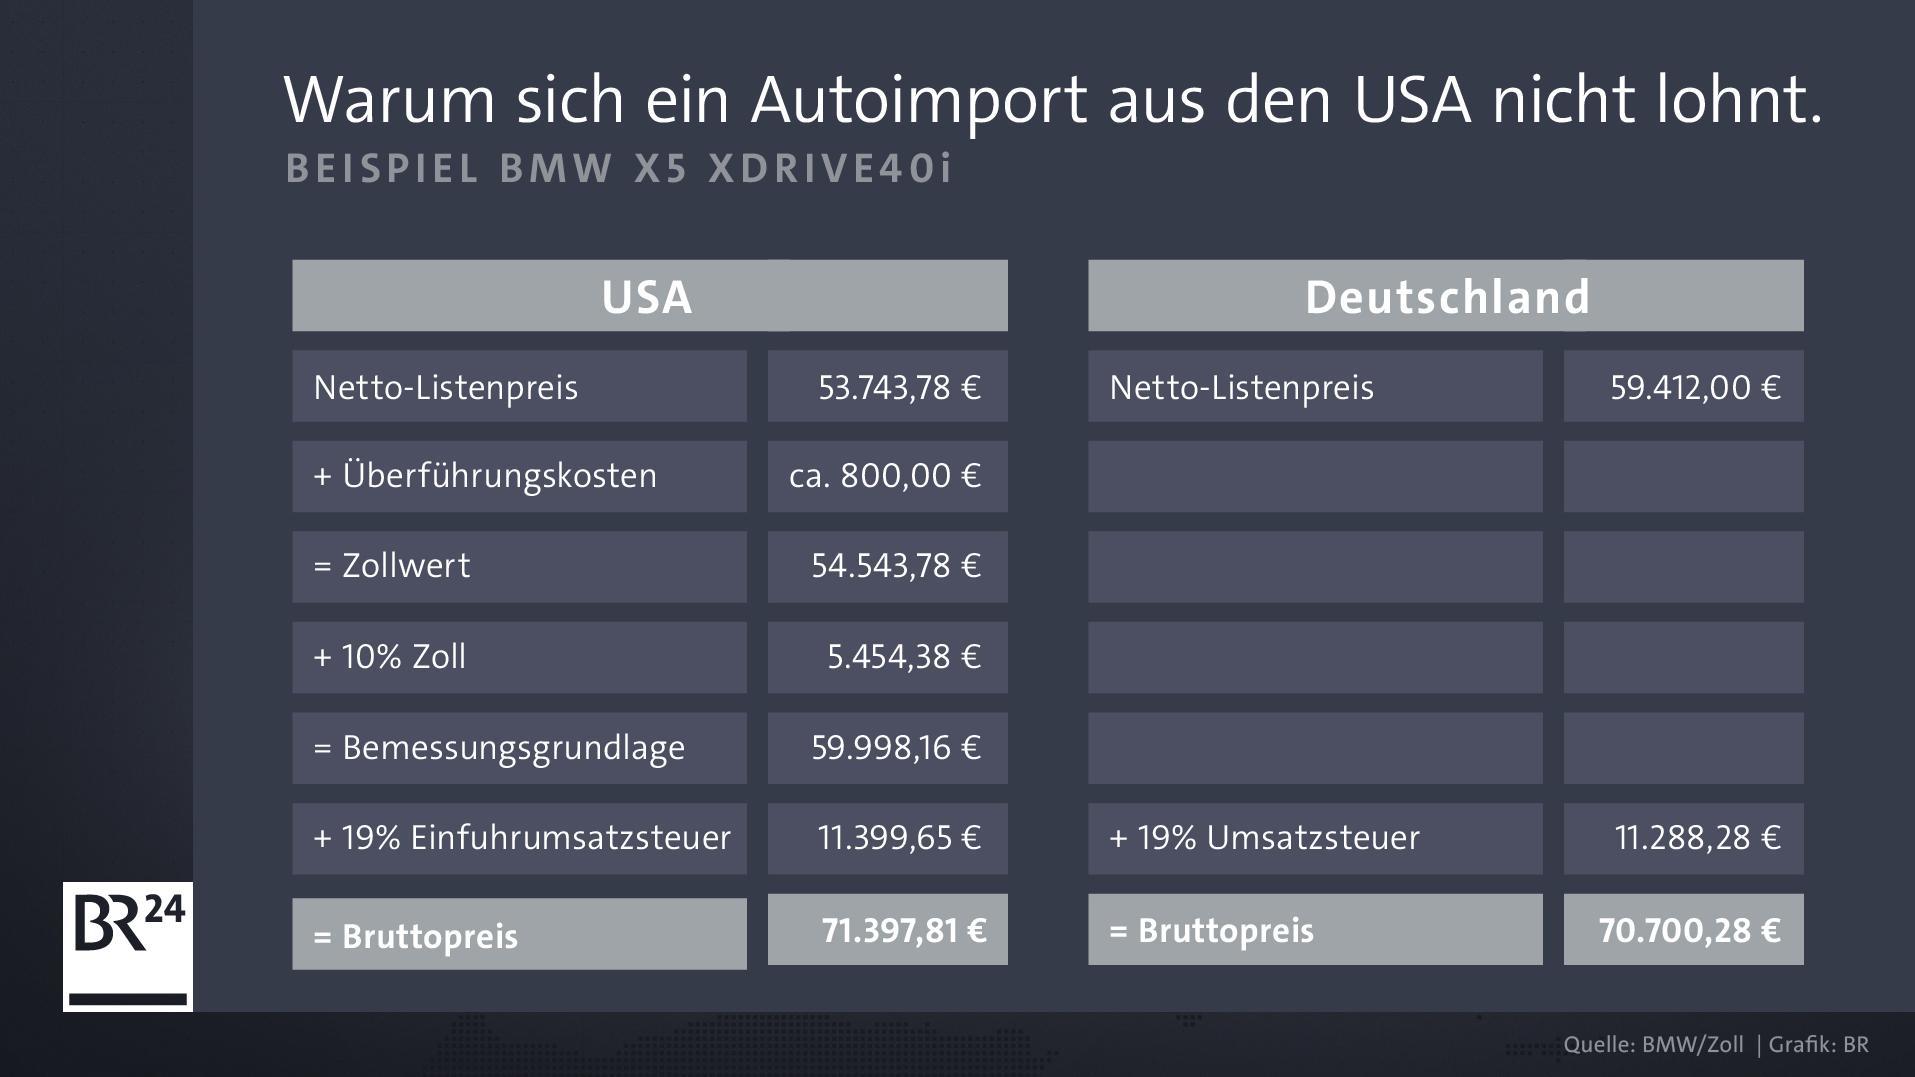 Wegen der Zollgebühren und der Einfuhrumsatzsteuer lohnt sich ein Autoimport aus den USA nicht.